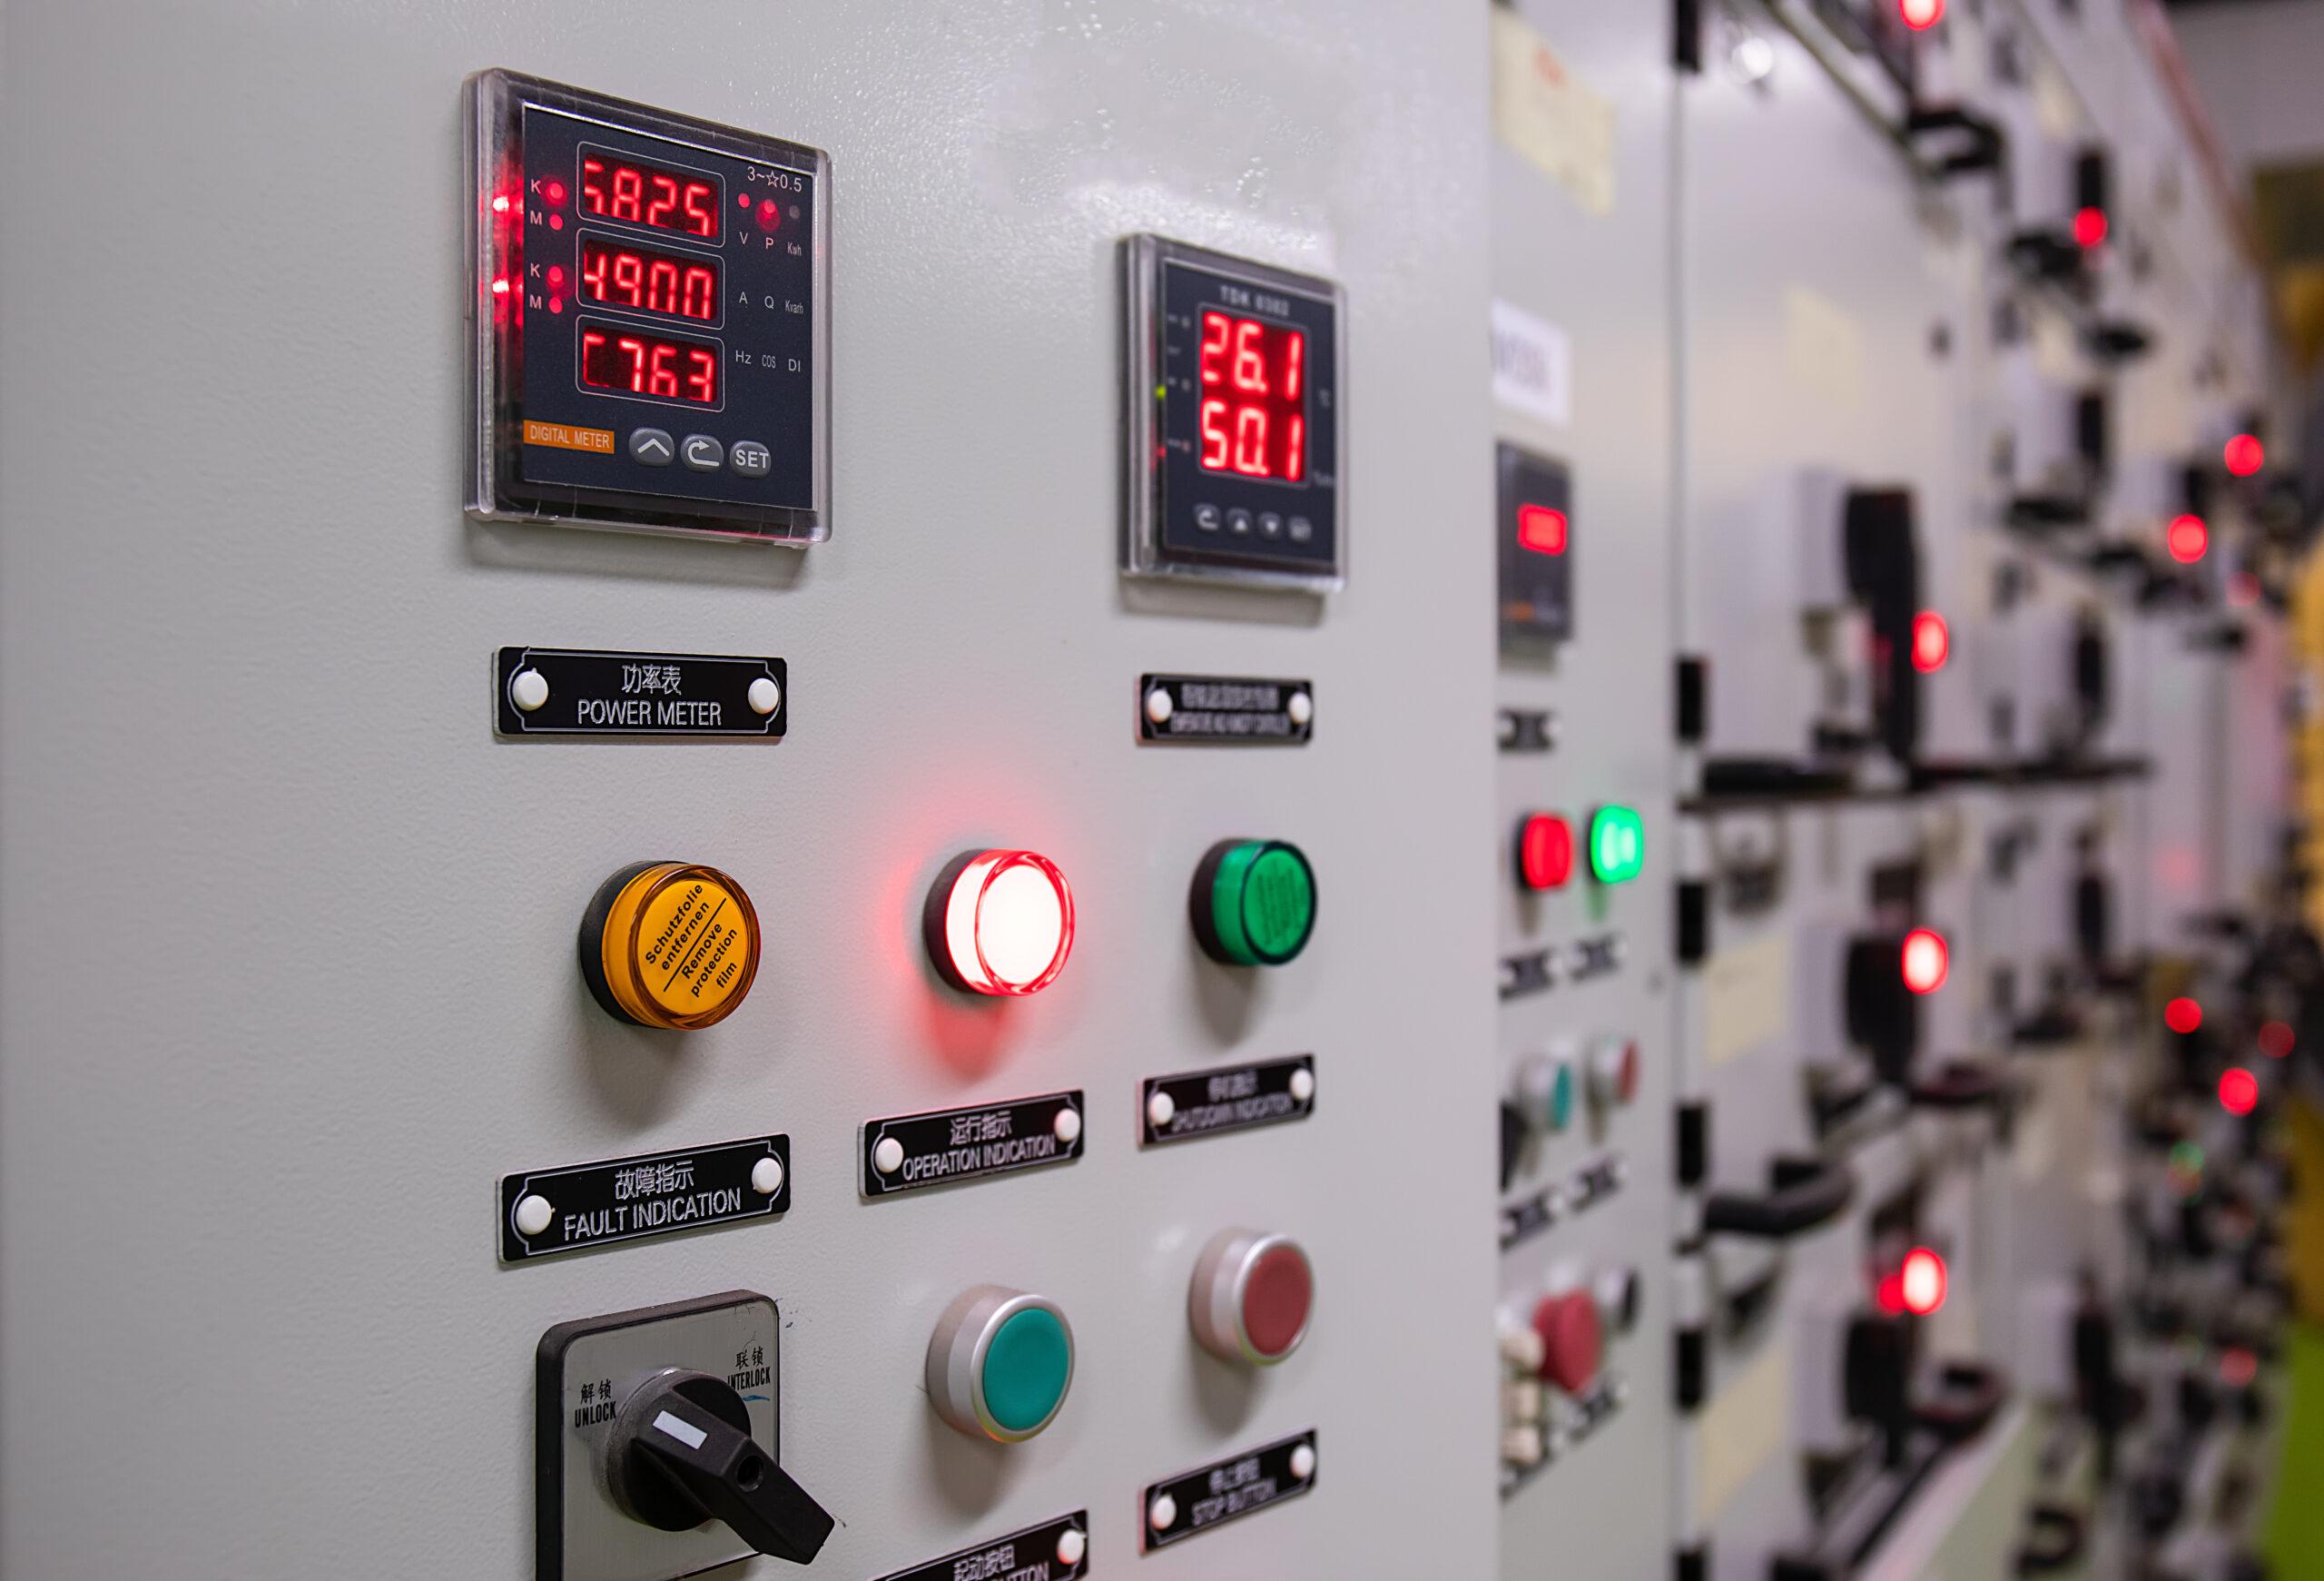 Optimiser le fonctionnement d'usine en identifiant les causes d'arrêt d'urgence